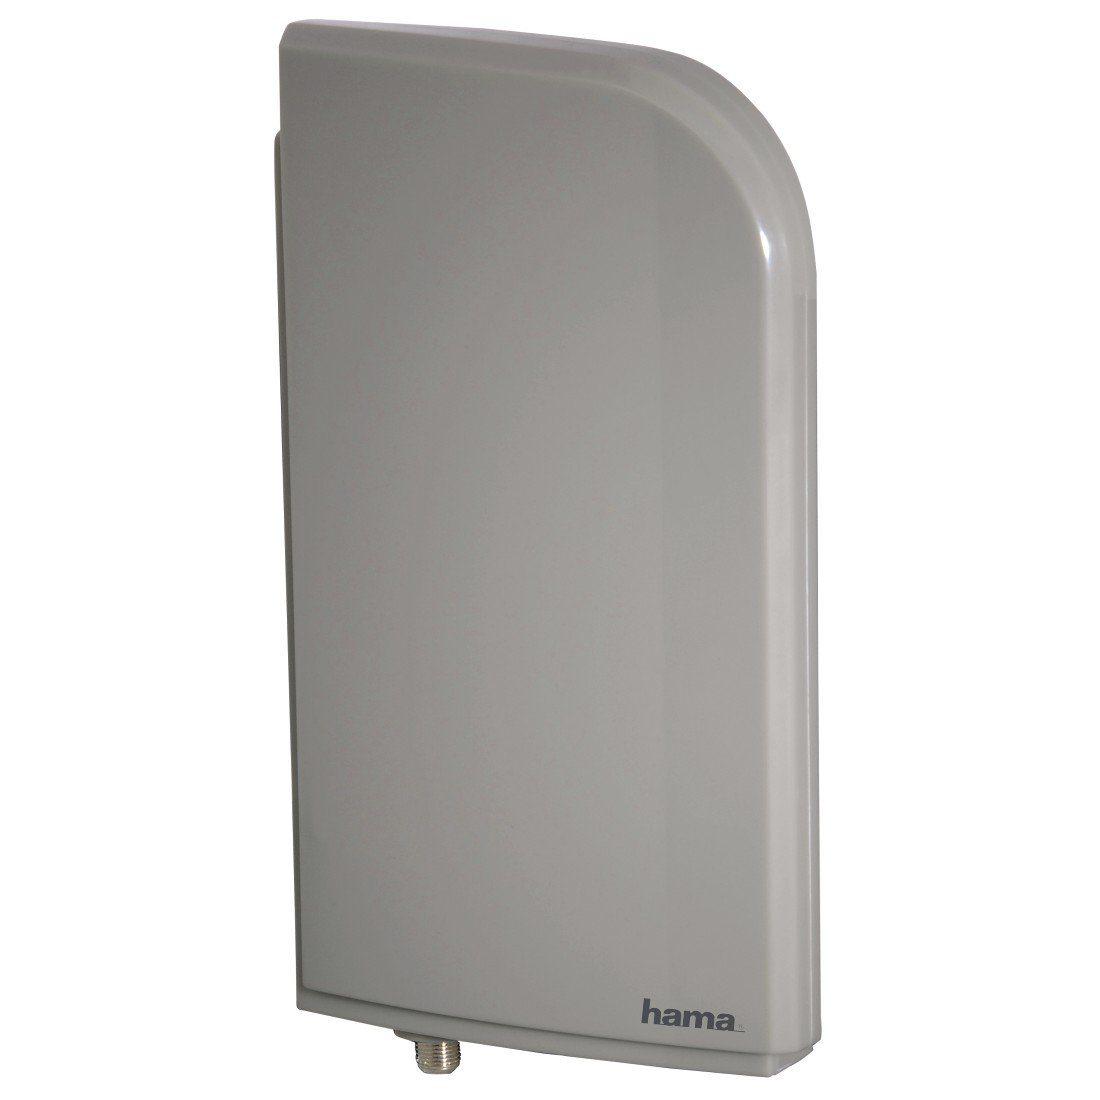 Hama DVB-T/DVB-T2 Zimmerantenne Outdoor, 20 dB Verstärkung »für TV und Radio«